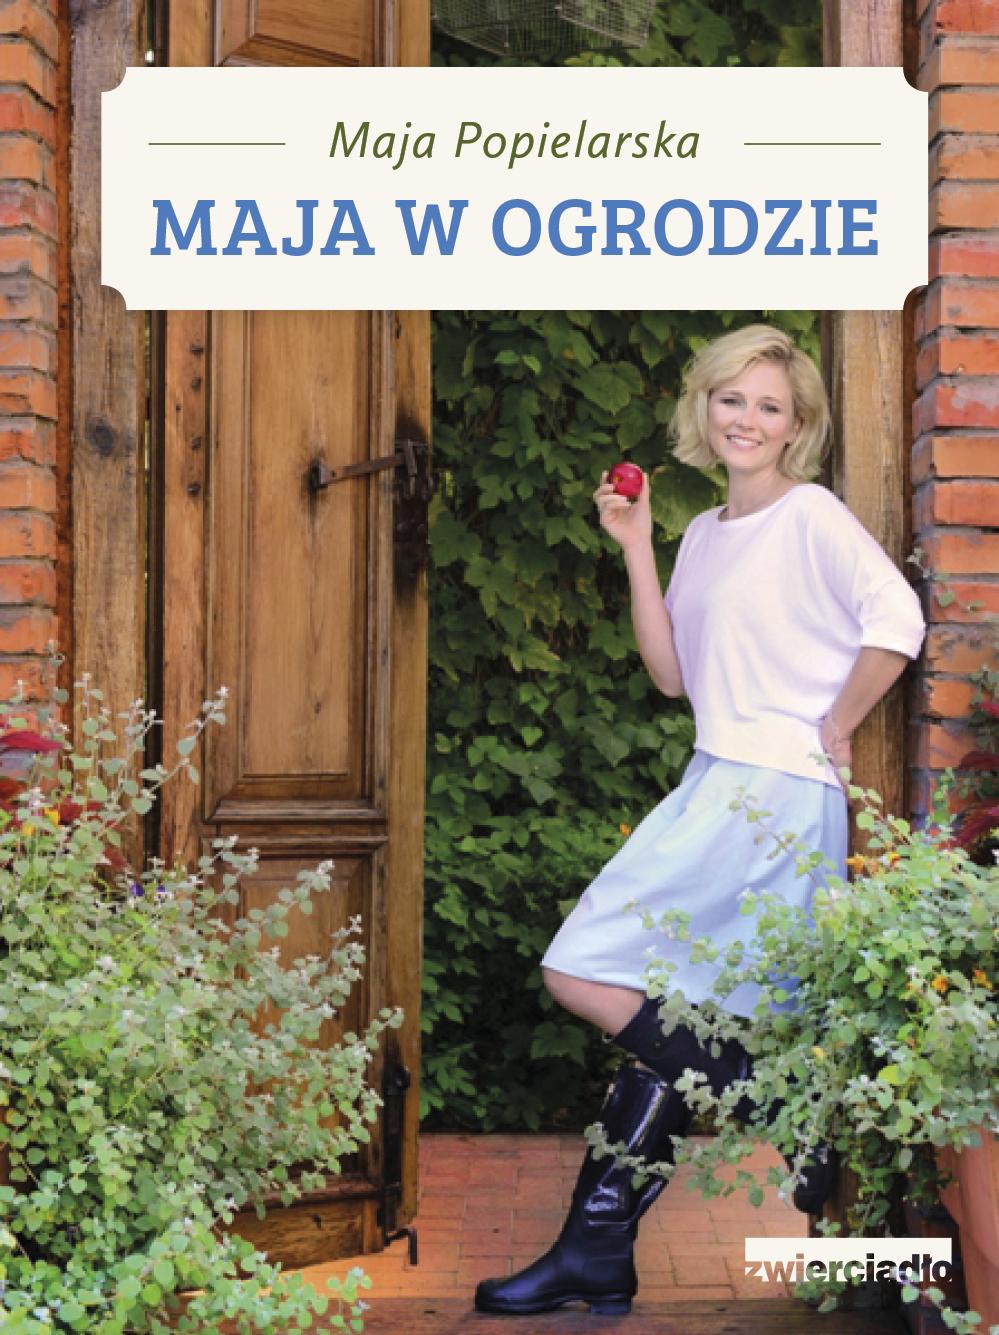 MAJA_W_OGRODZIE